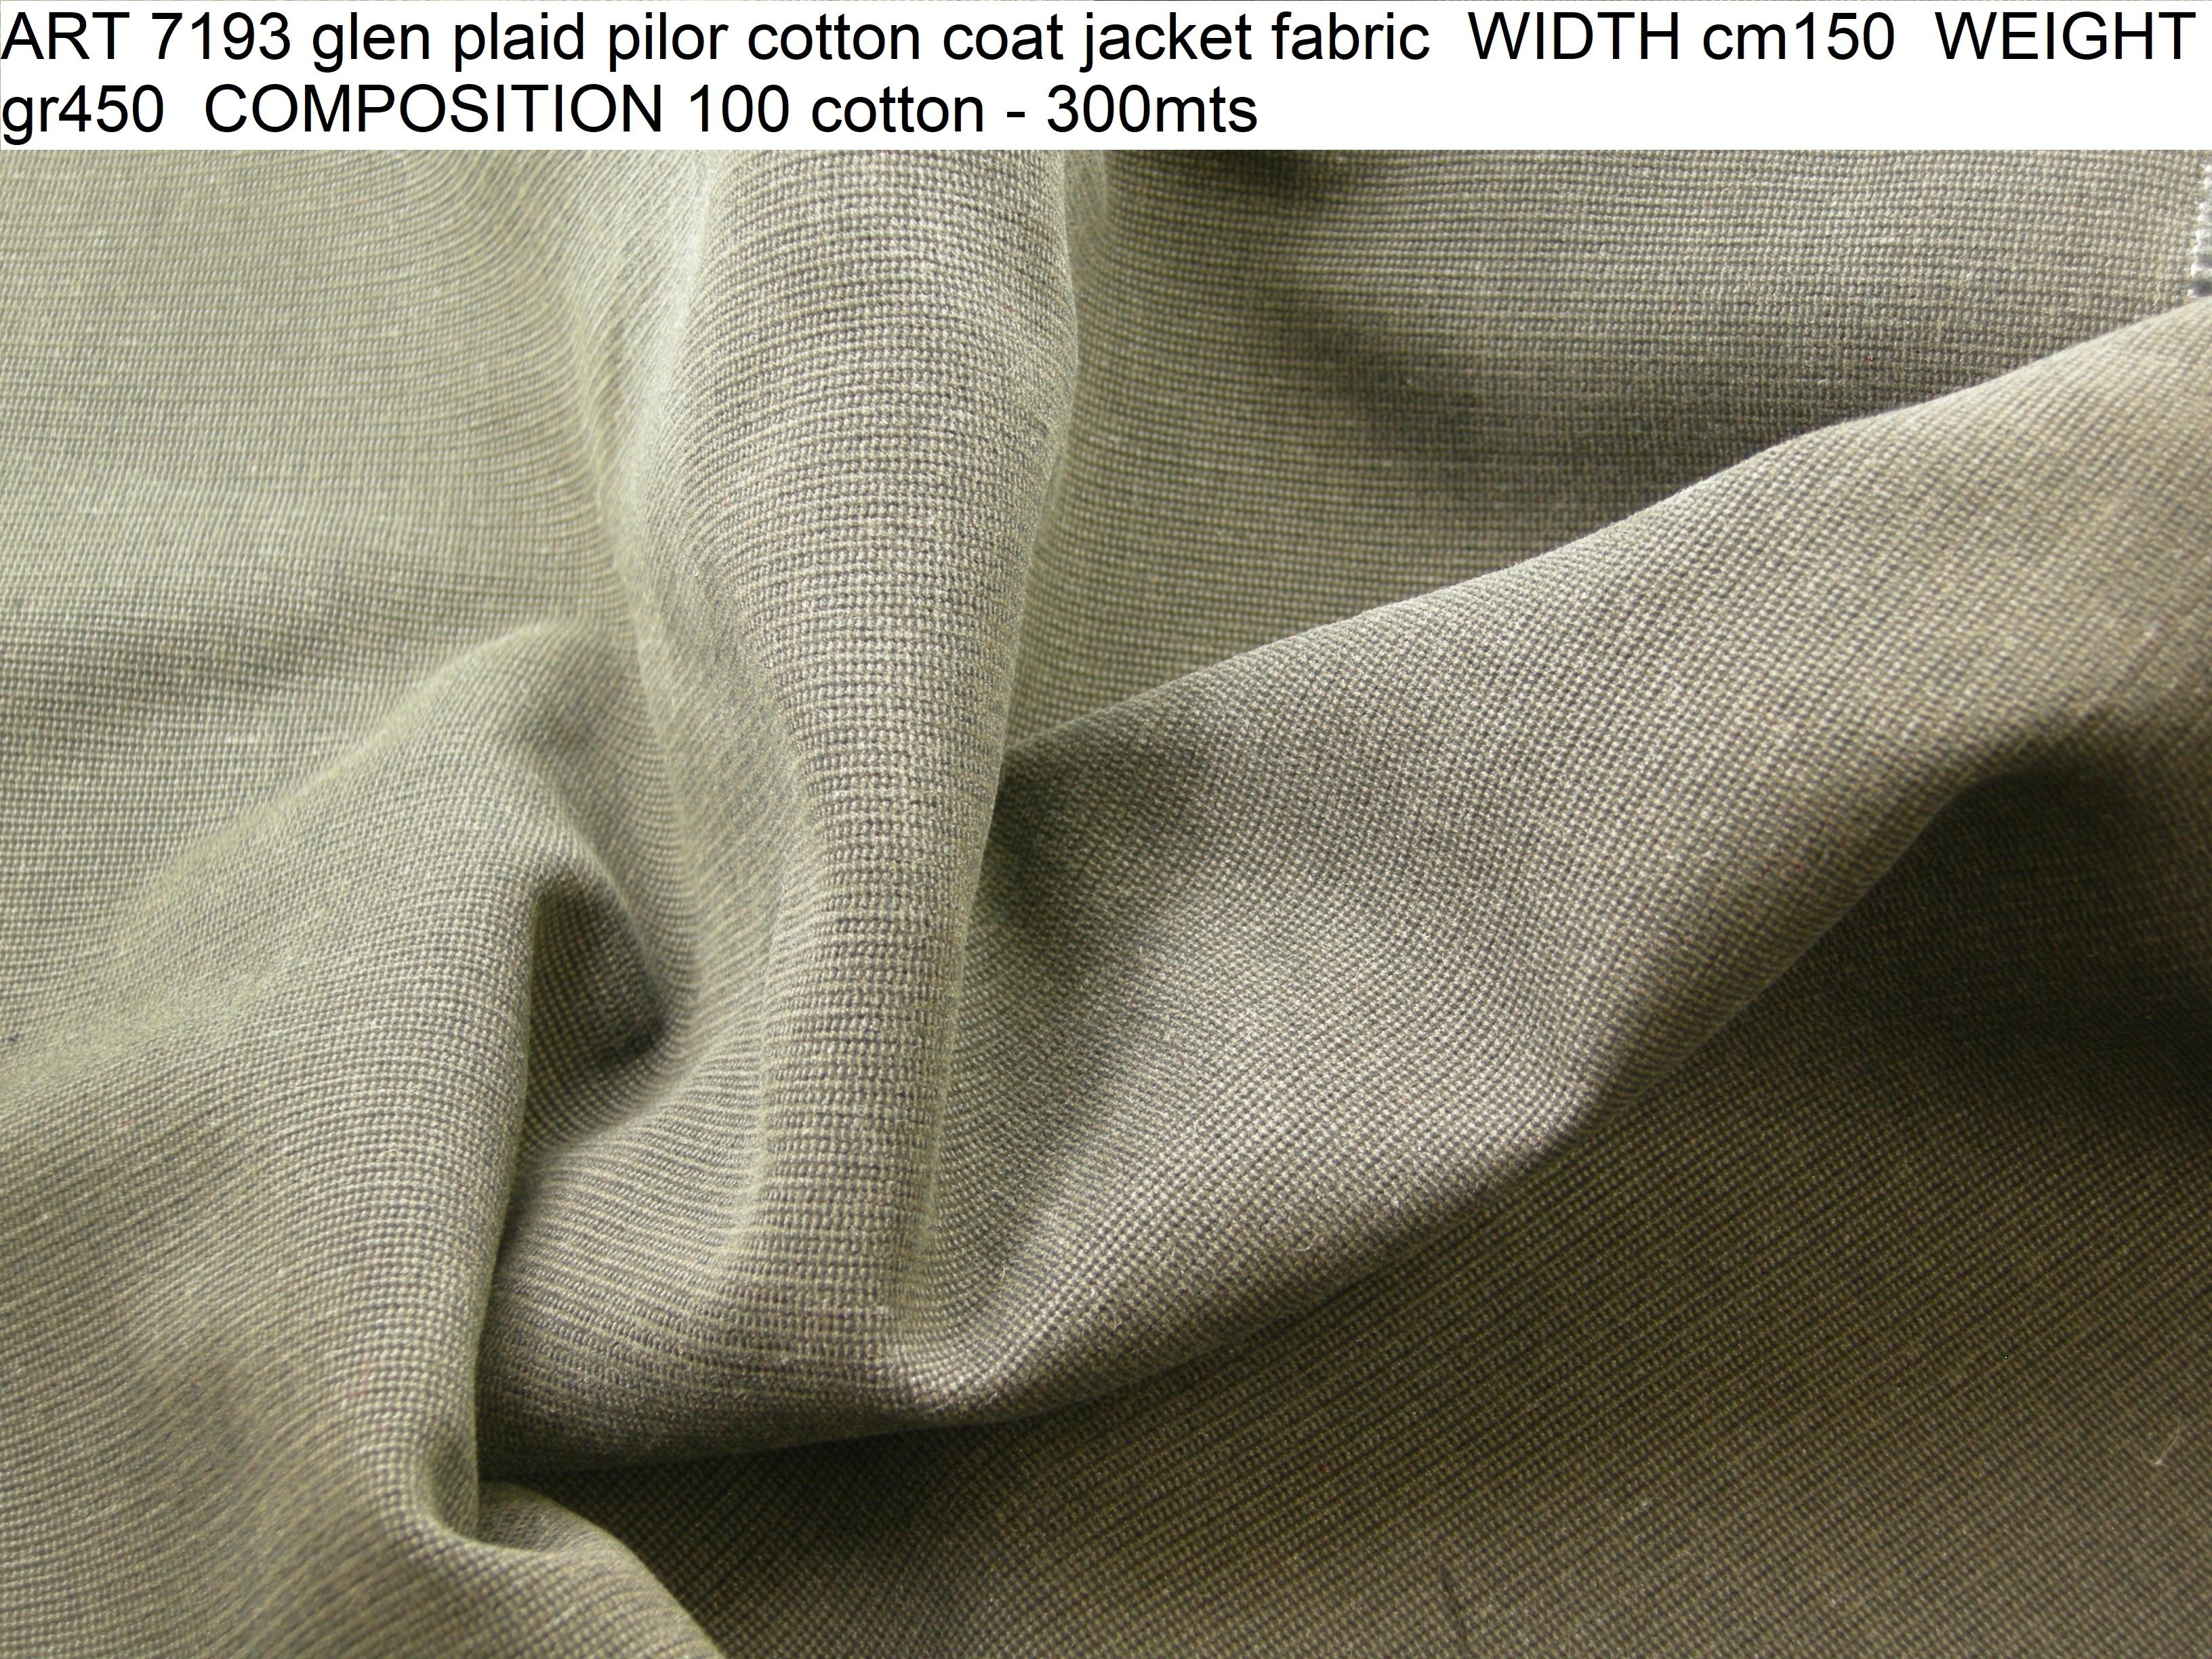 ART 7193 glen plaid pilor cotton coat jacket fabric WIDTH cm150 WEIGHT gr450 COMPOSITION 100 cotton - 300mts